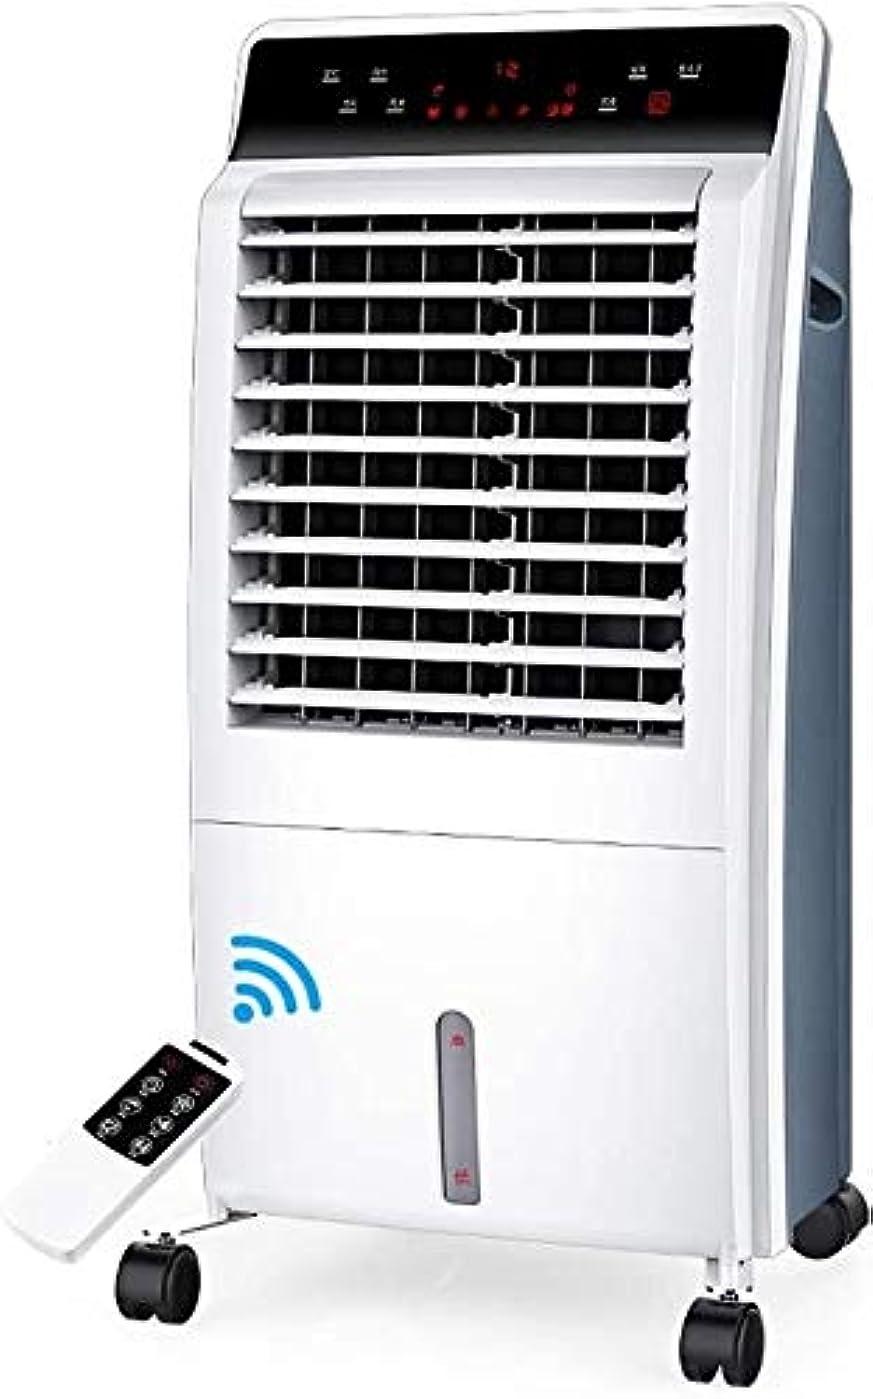 縞模様の蒸気強盗空気夏のクーラーと、タイミング制御遠隔地上モバイル冷却個々ポータブル空調12H 65W静かなファン冷却器を加熱します